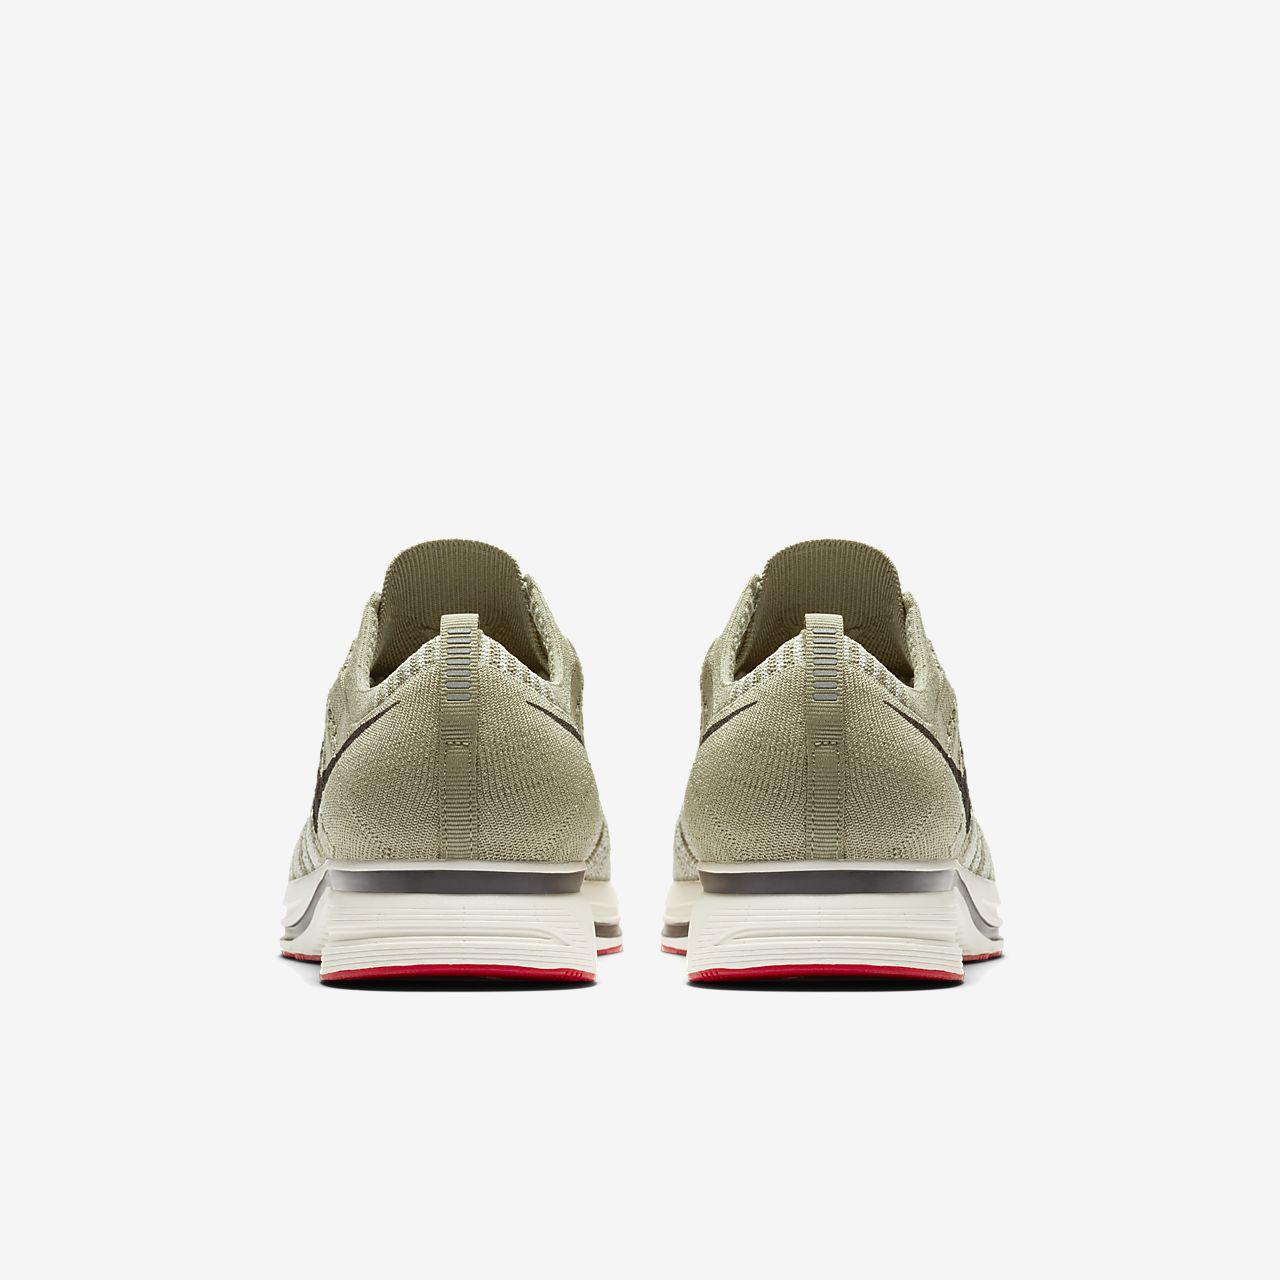 f8de769944f68 Nike Flyknit Trainer Unisex Shoe. Nike.com GB